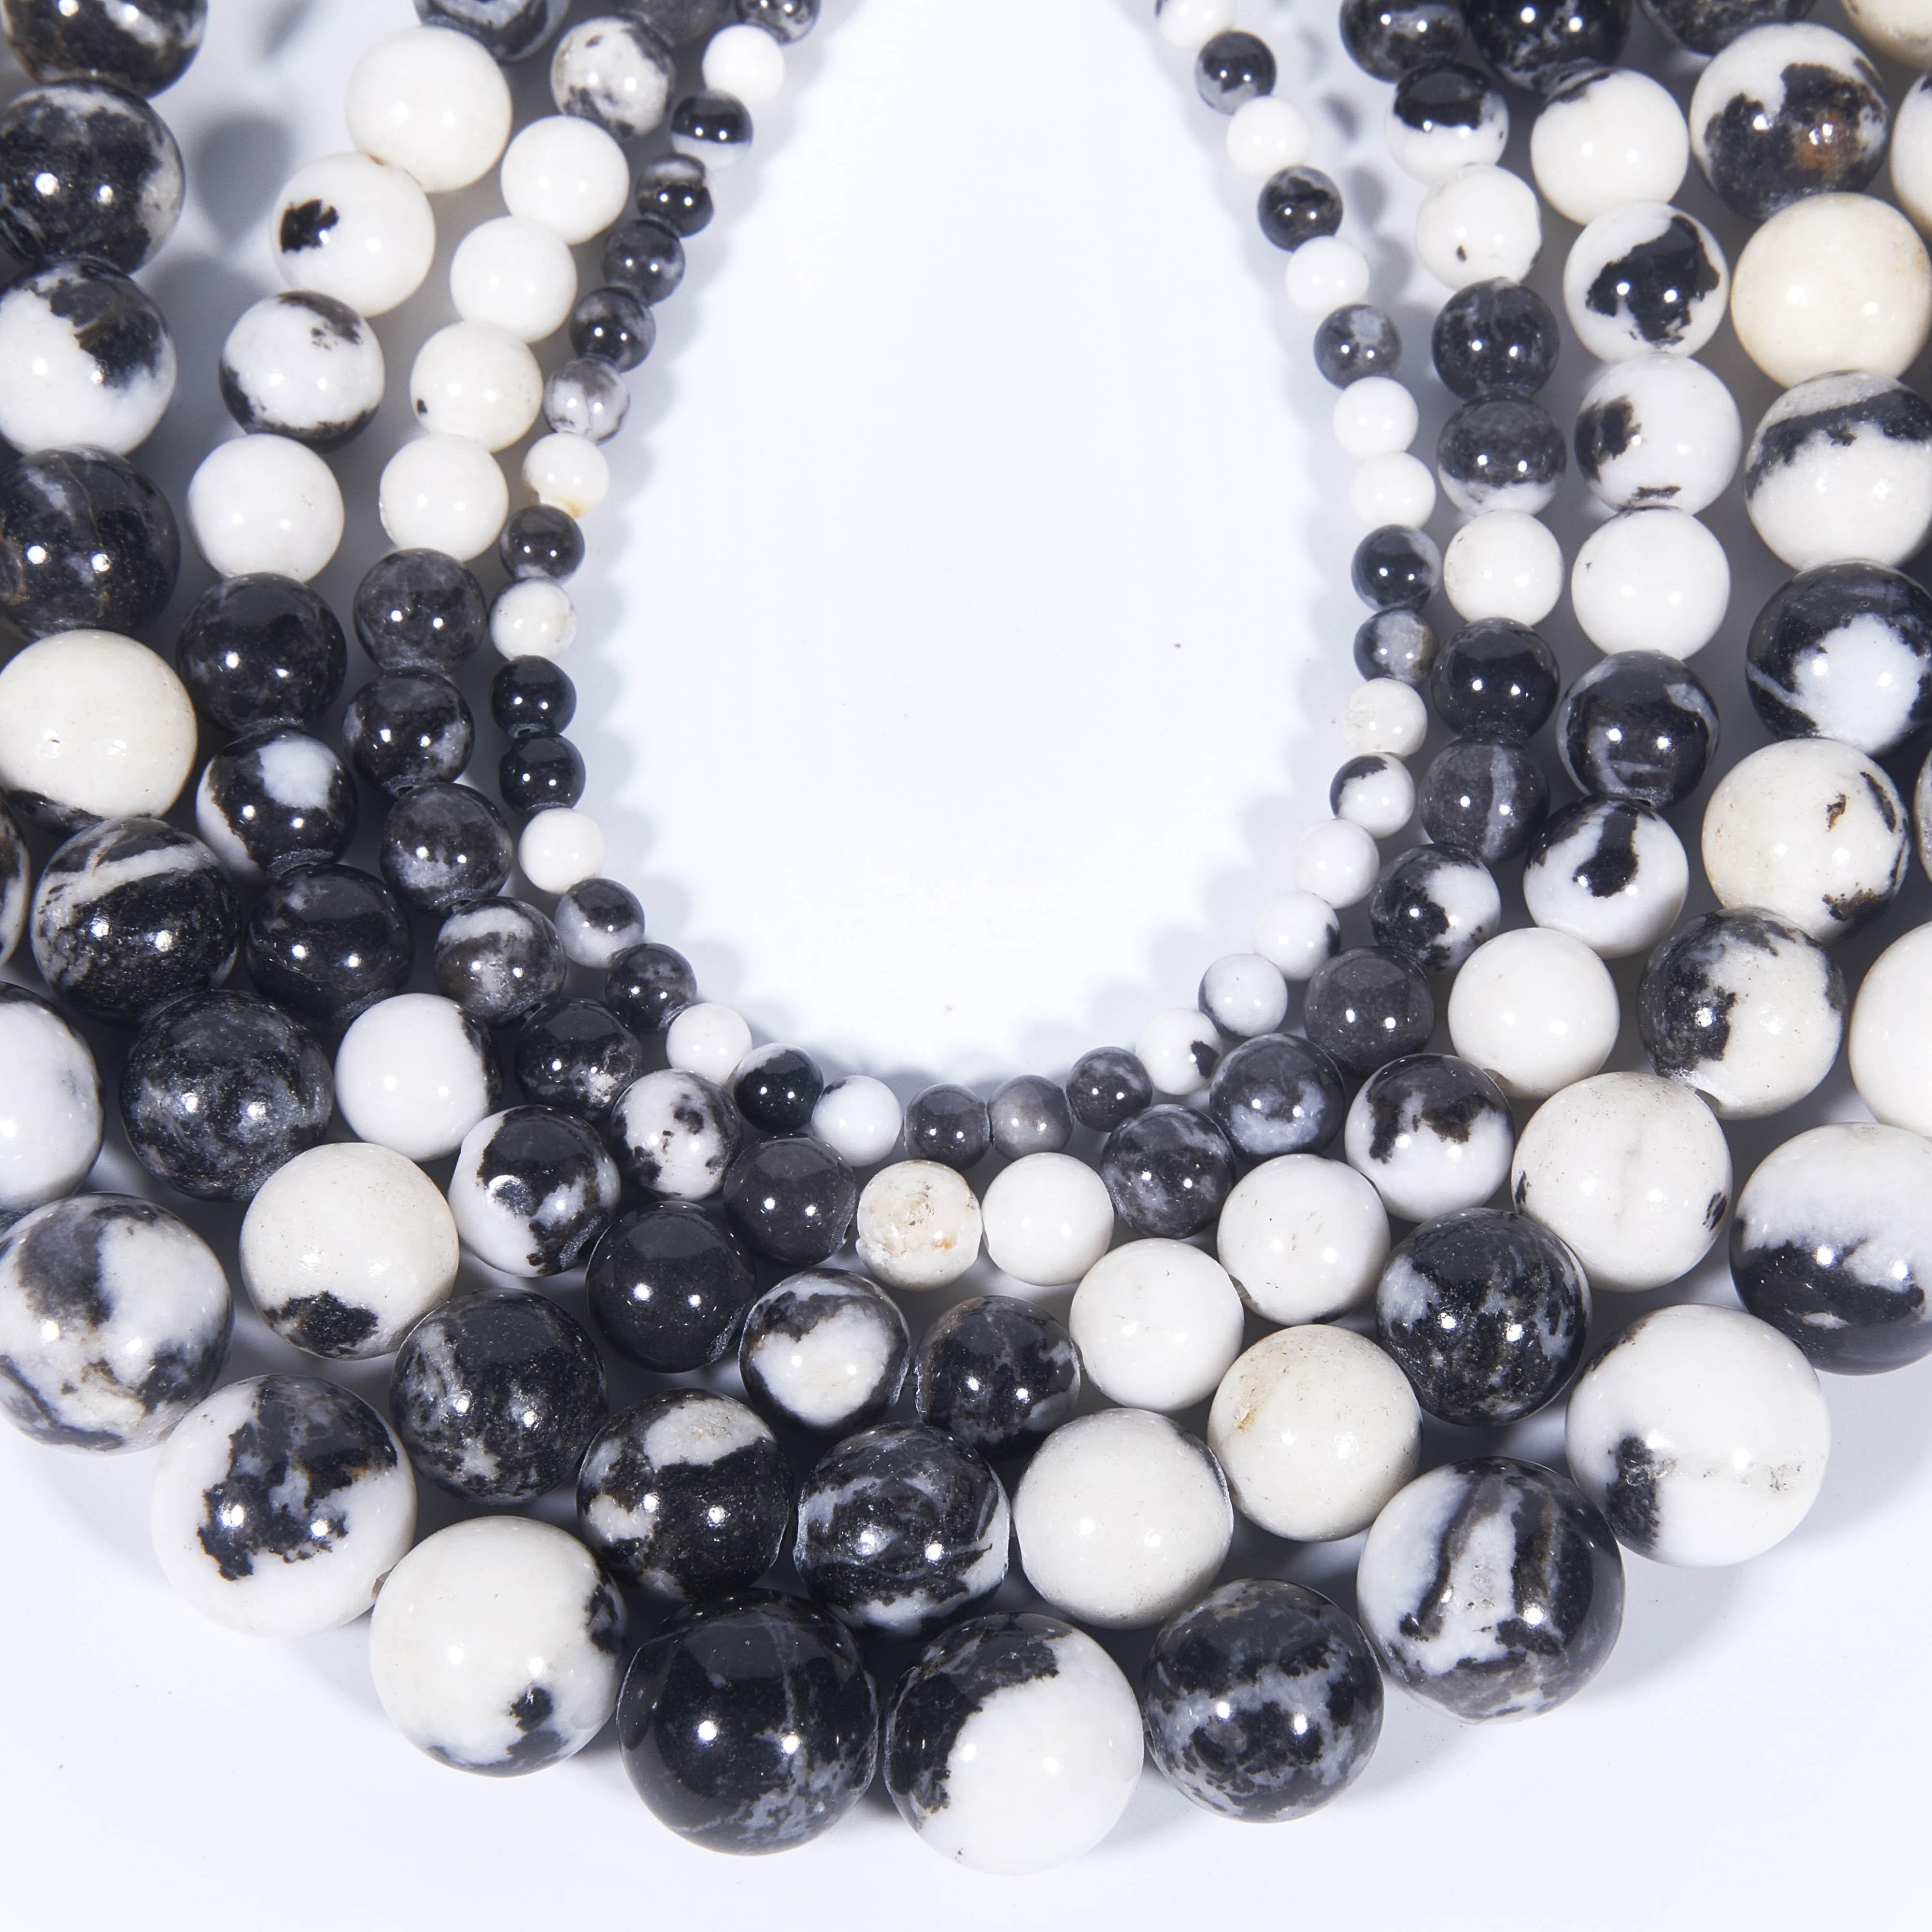 f1bbb3e86565 Venta al por mayor negro Natural blanco Zebra Jasper piedras preciosas  ronda abalorios sueltos energía piedra